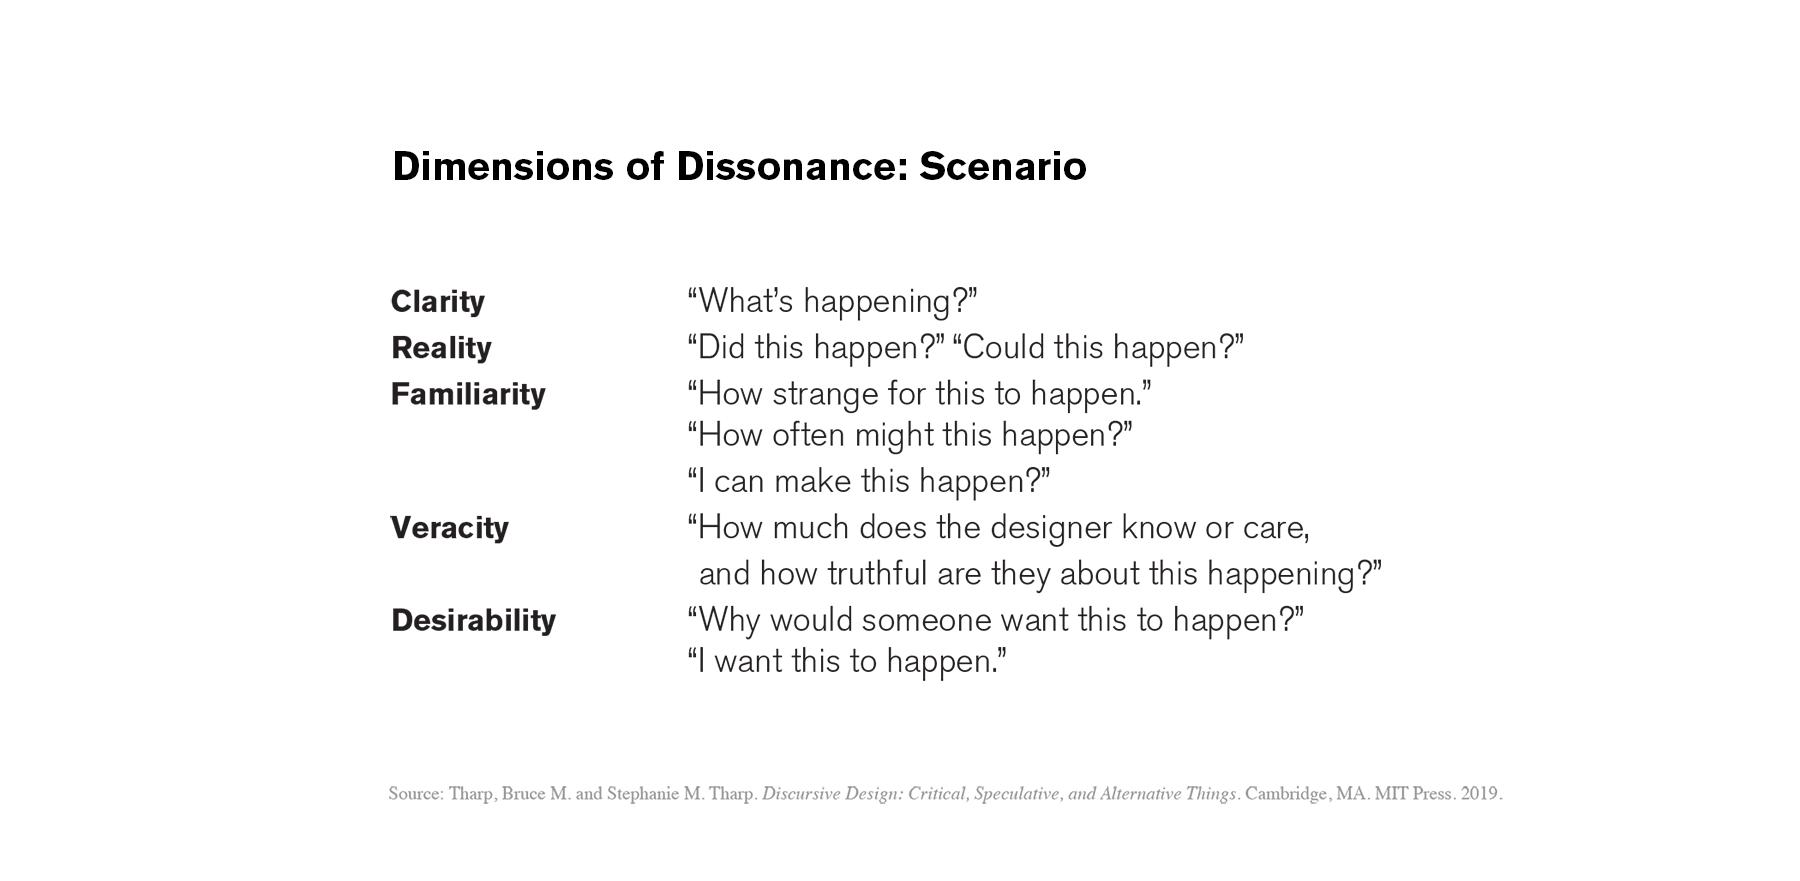 Dissonance Dimensions: Scenario